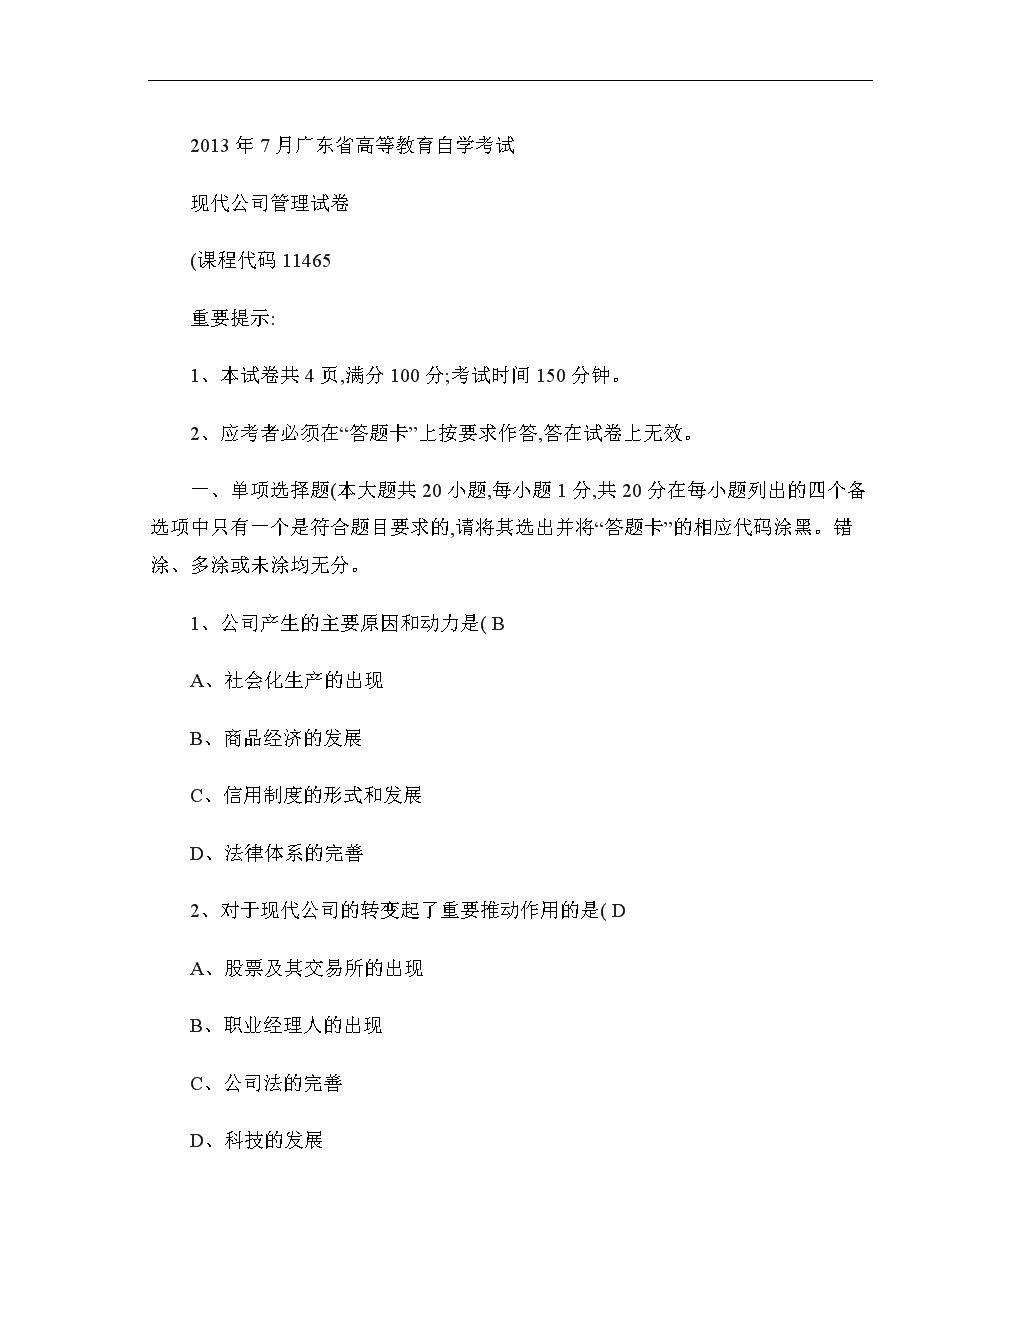 7月自学考试《现代公司管理》试题及答案(精).doc